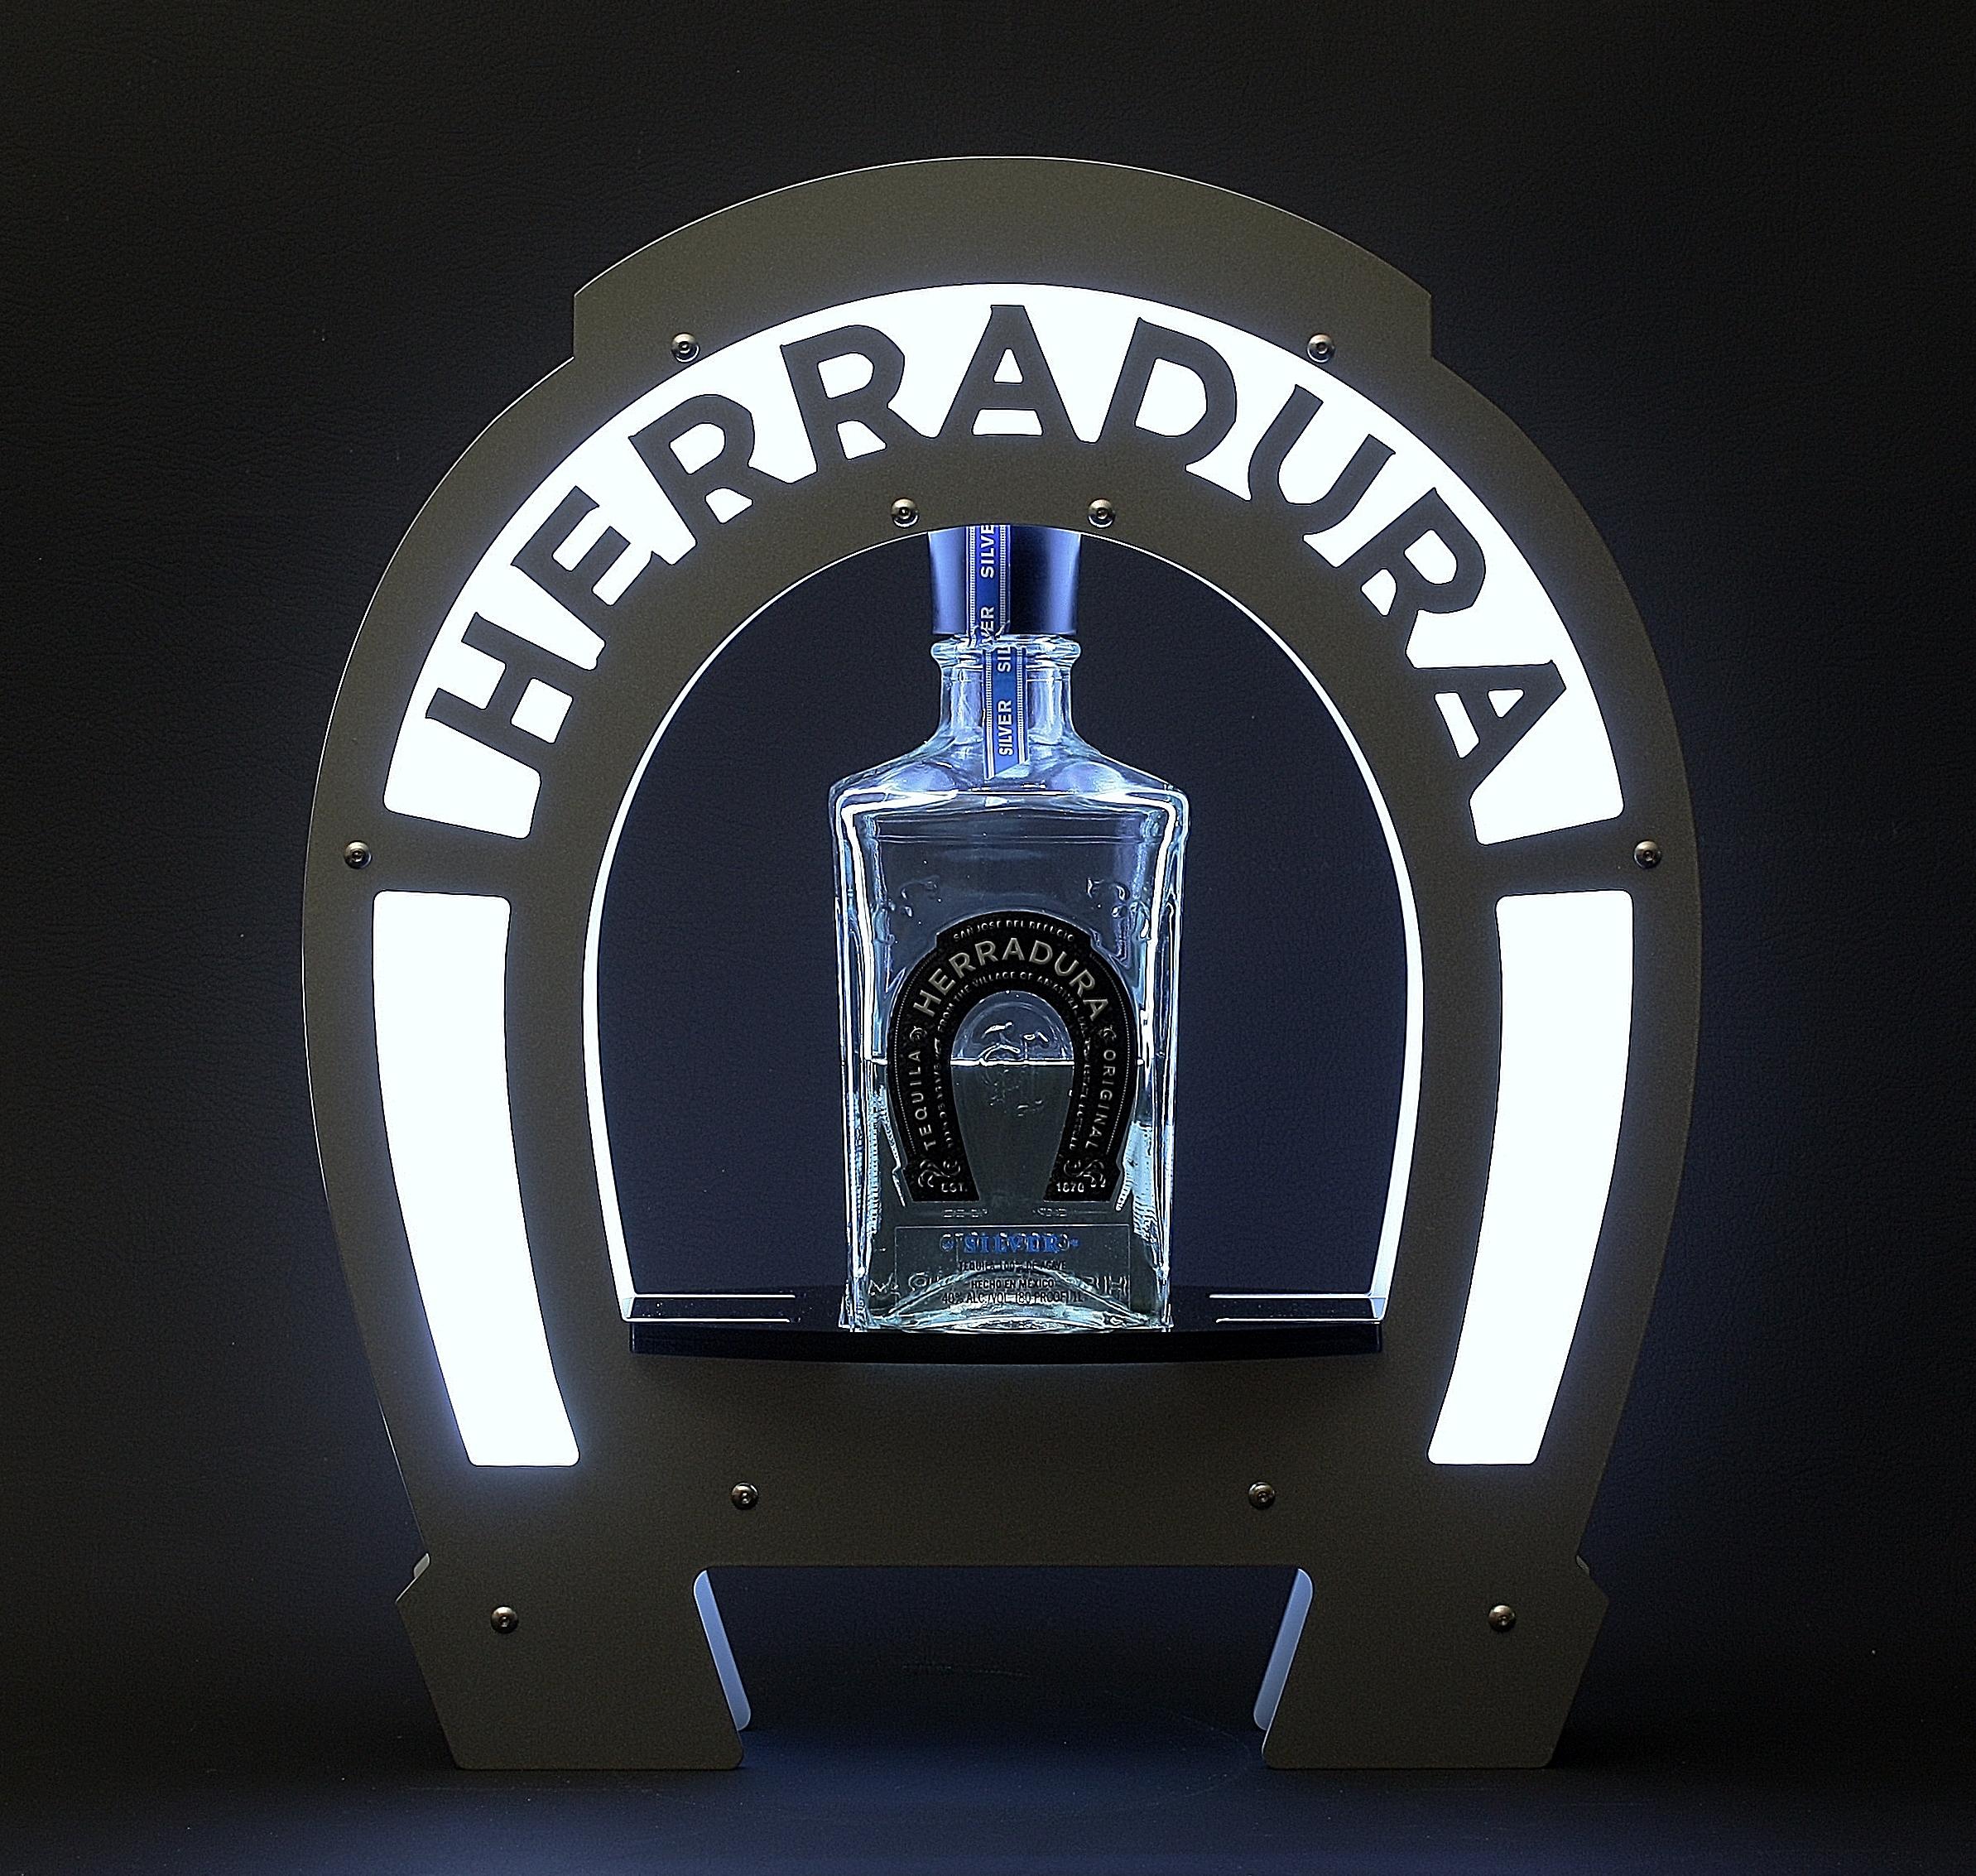 Herradura Bottle Presenter Newcraft.JPG